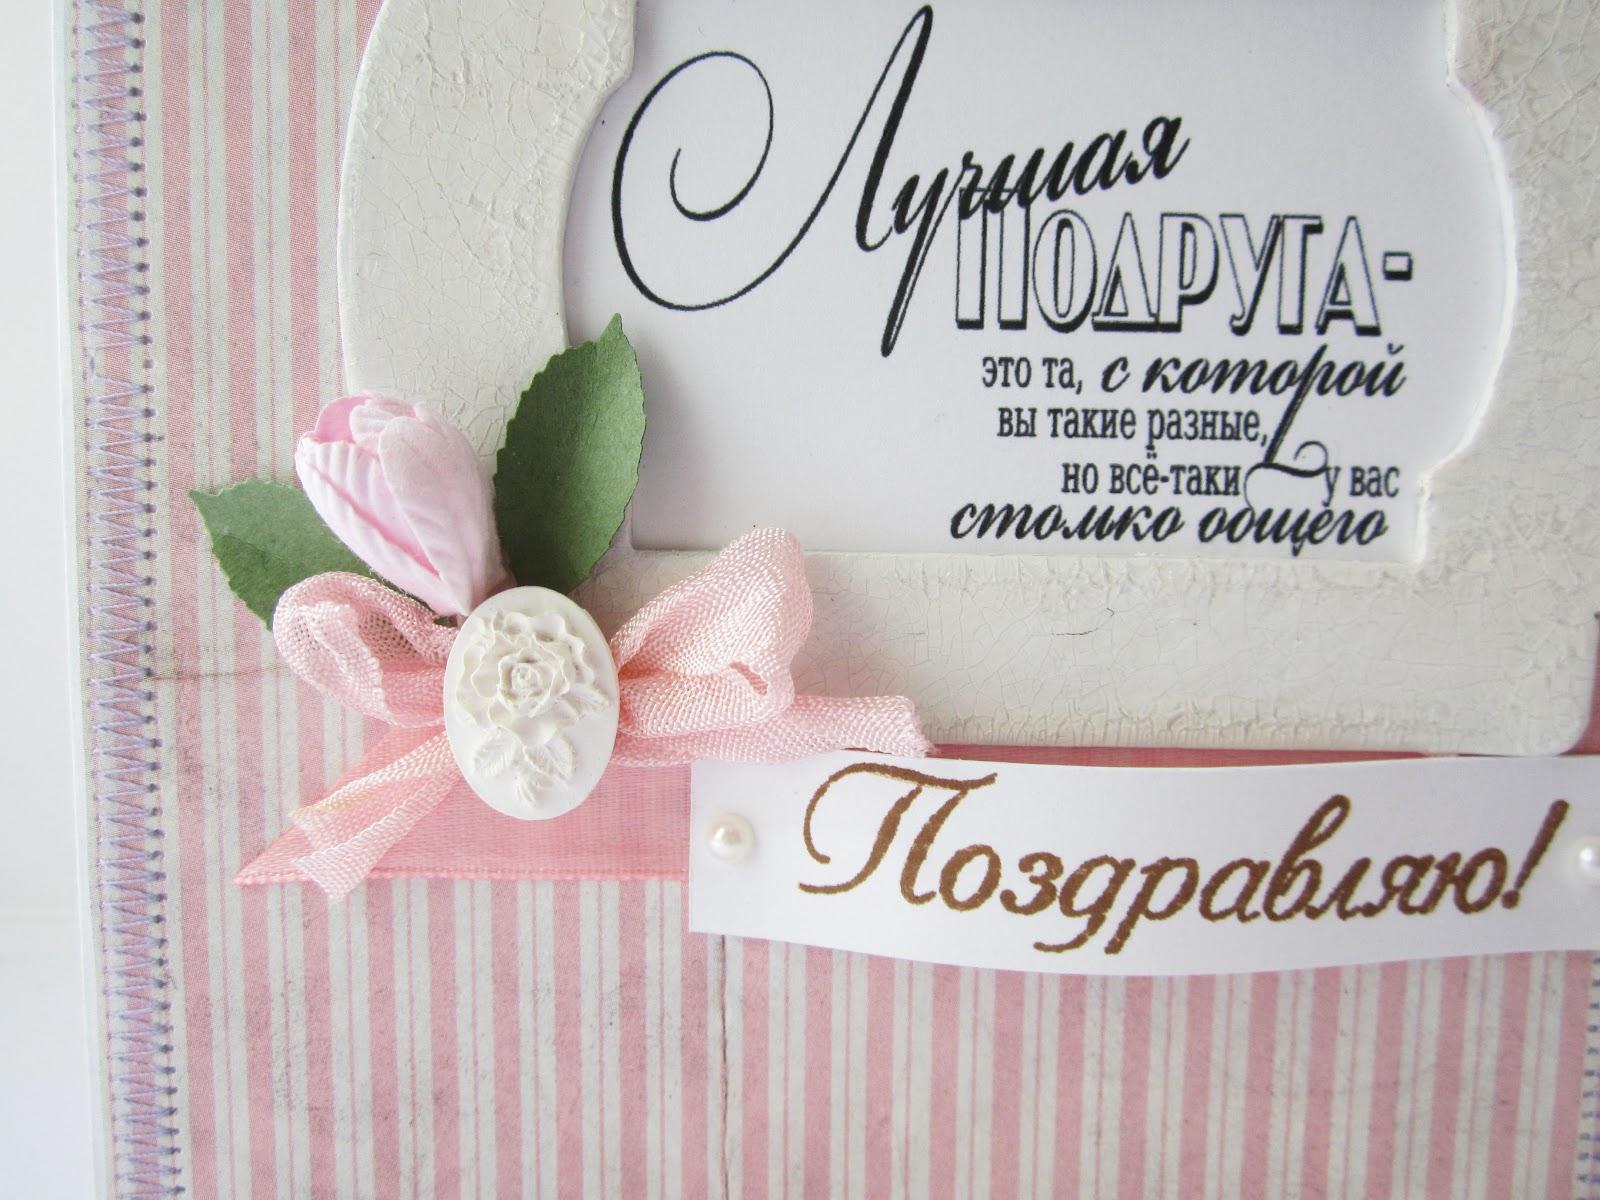 Пожелания подруге в открытке